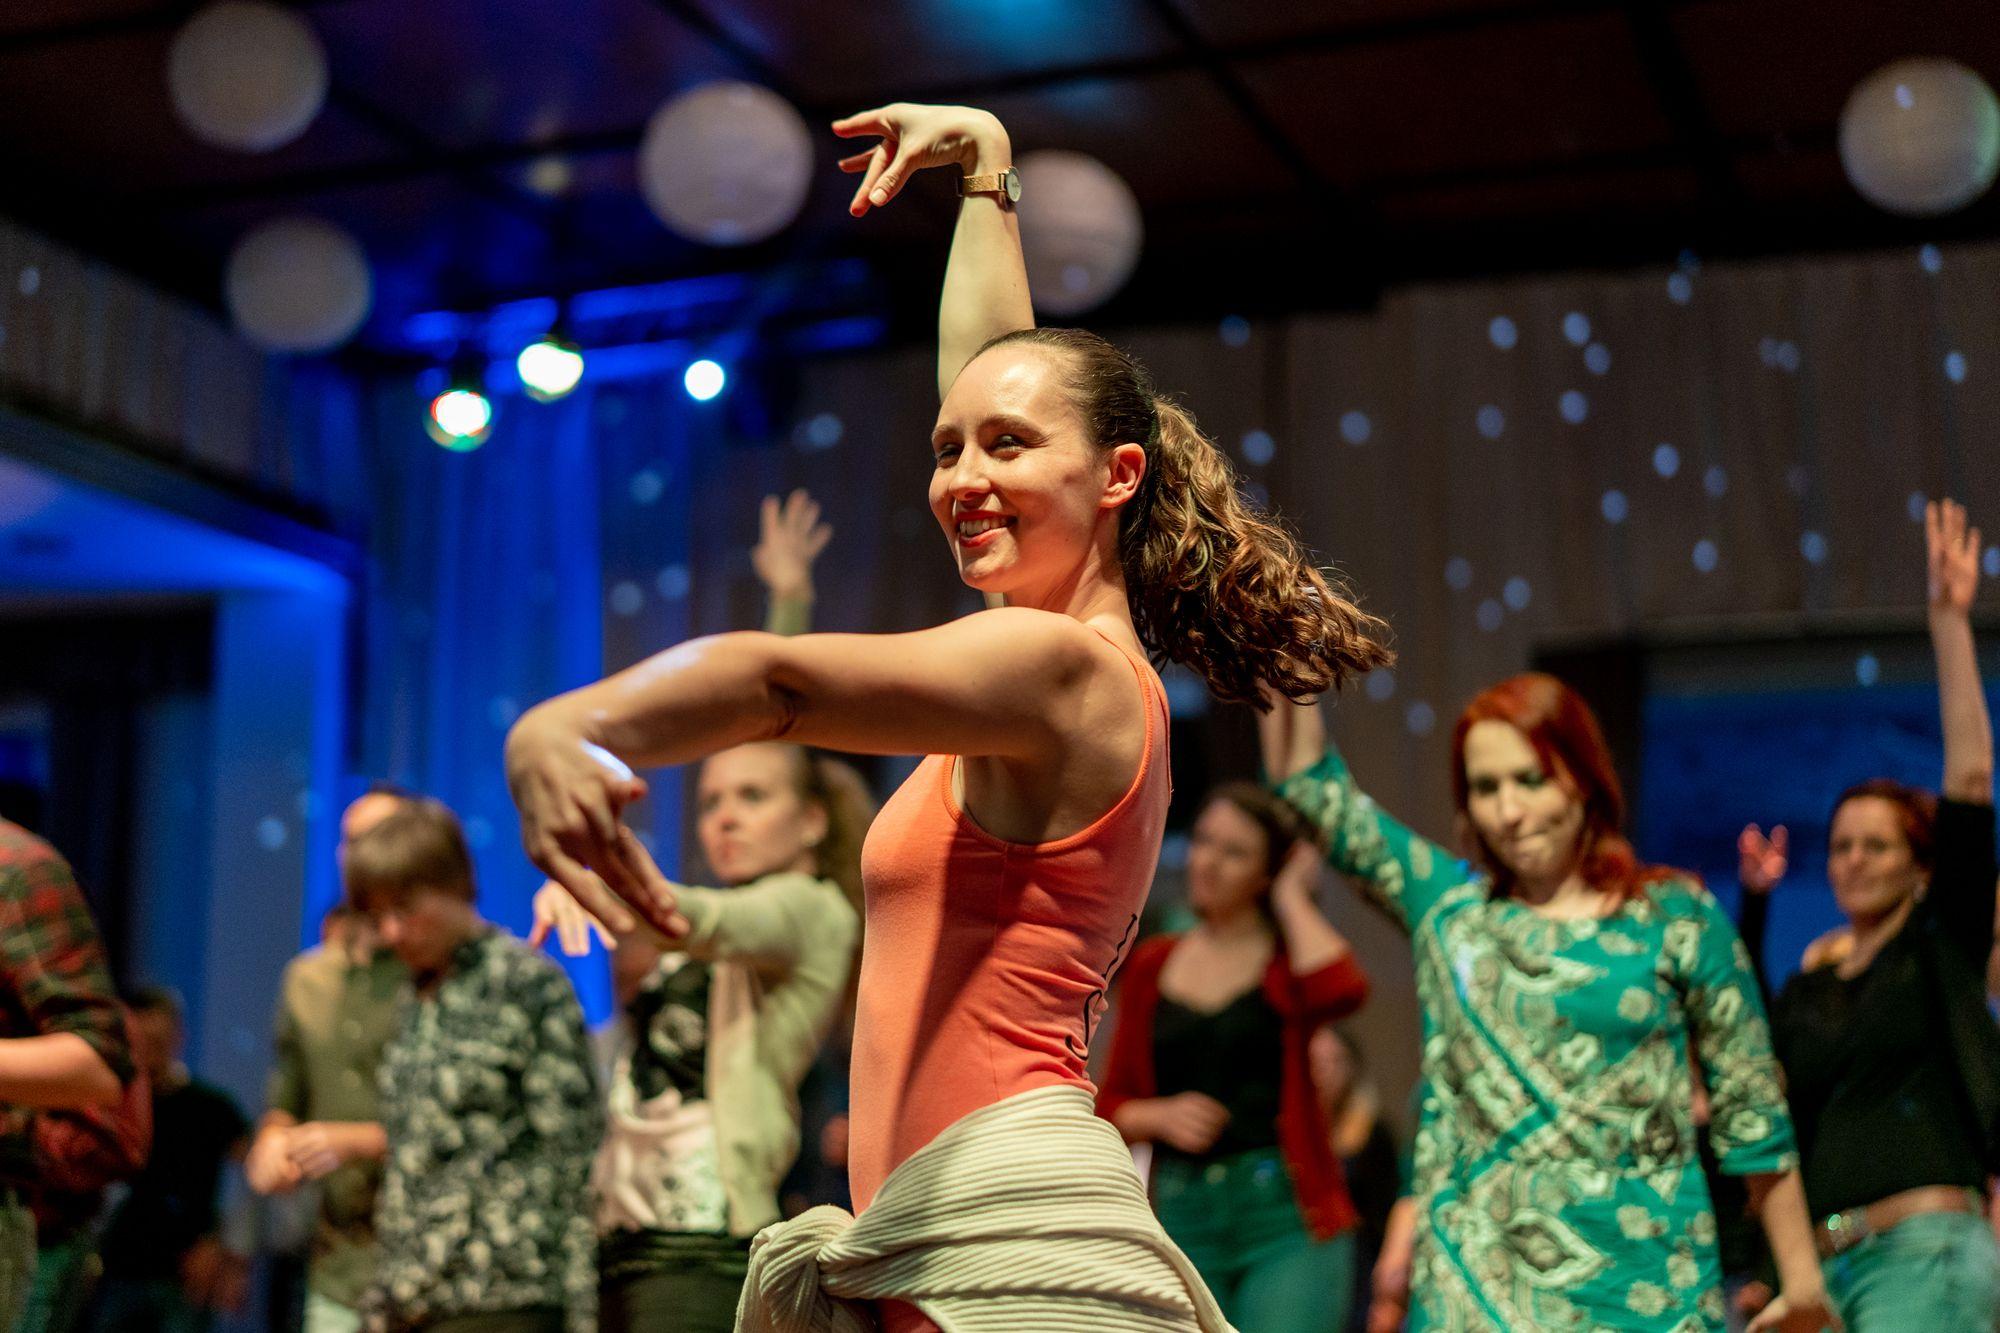 Salsa-Tanzunterricht von Julia Pöschel auf der Salsa Night in den Haas-Sälen Bamberg am 7. März 2020